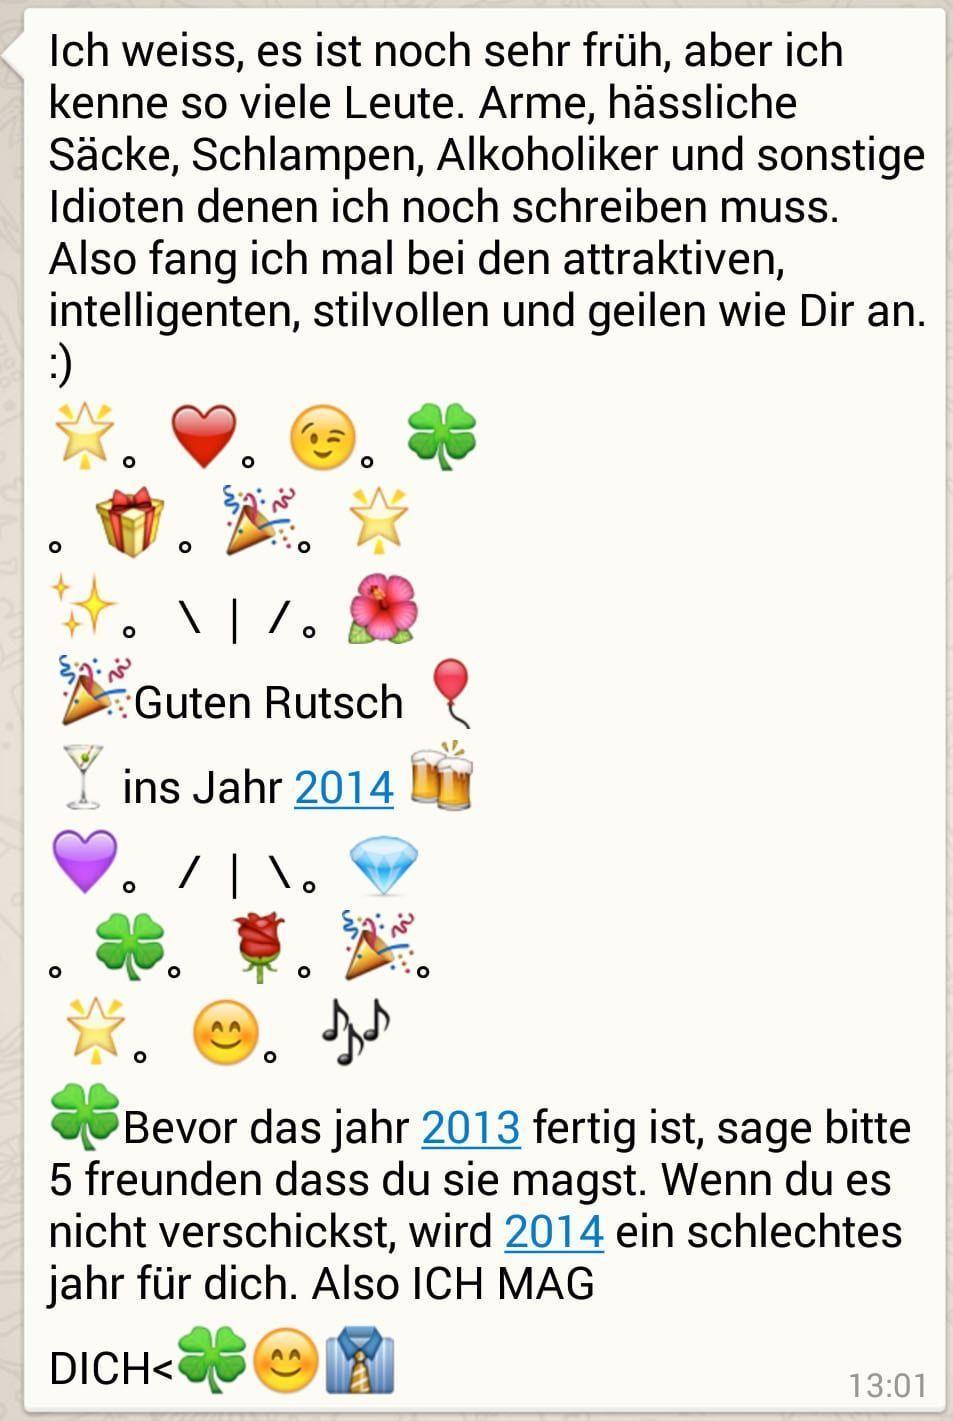 Guten Rutsch Ins Neue Jahr Spruche Lustig Guten Rutsch Ins Neue Jahr Spruche Lustig Guten Rutsch Ins Neue Jahr Spruche Lustig Guten Read More Gutenrut 2020